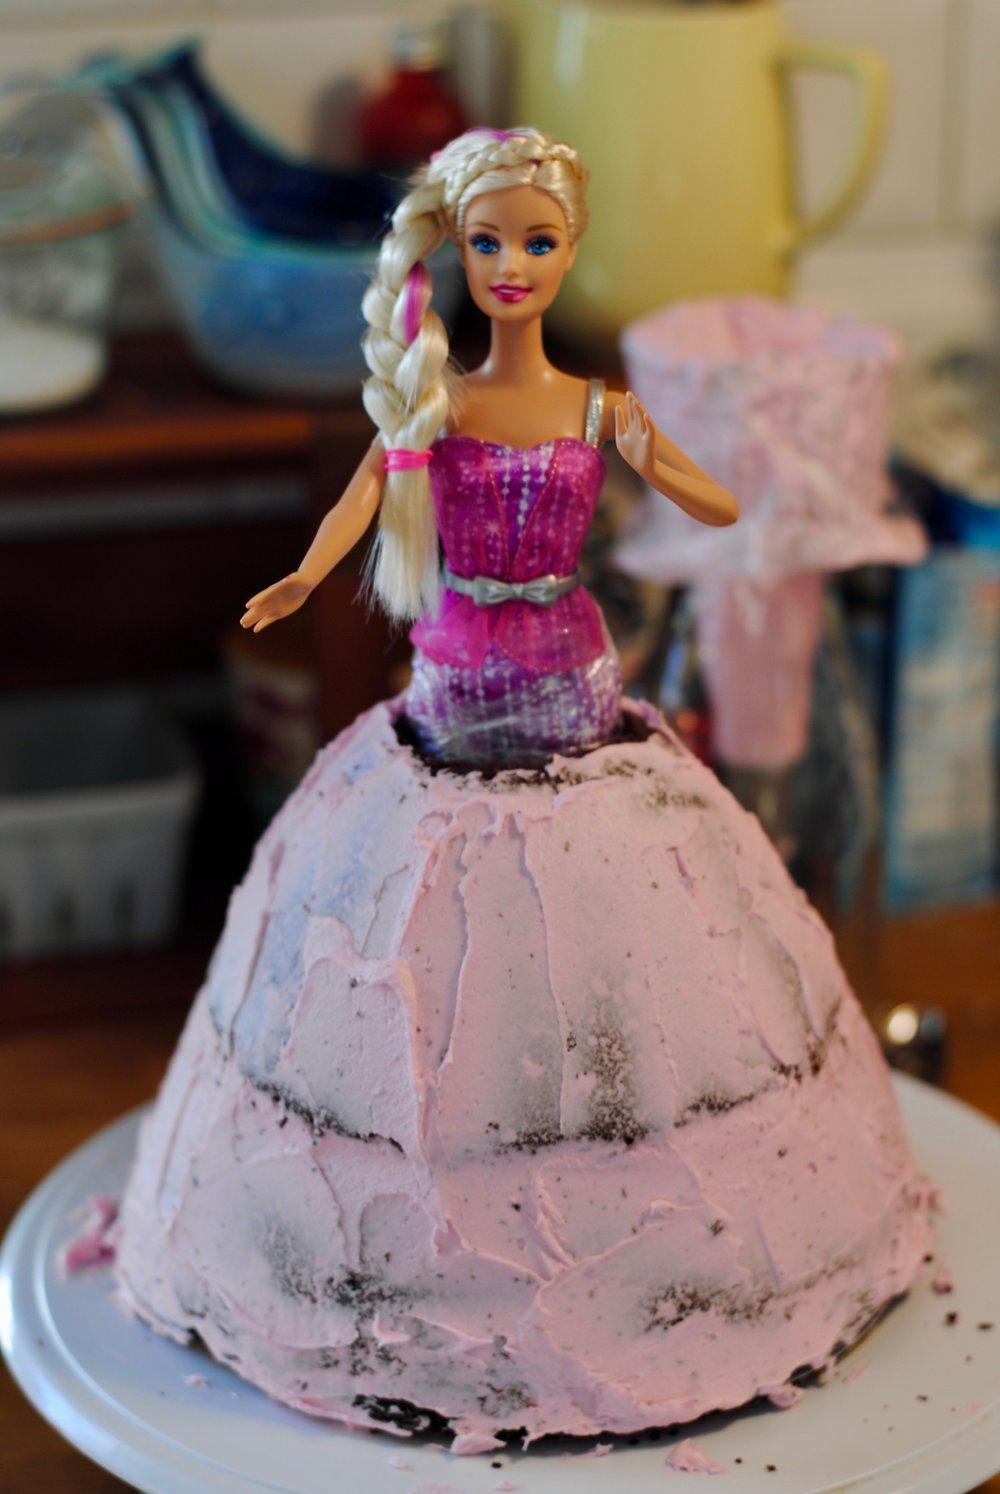 Barbie Geburtstagsparty Mit Kleidtorte Das Susse Der Bittere Rest